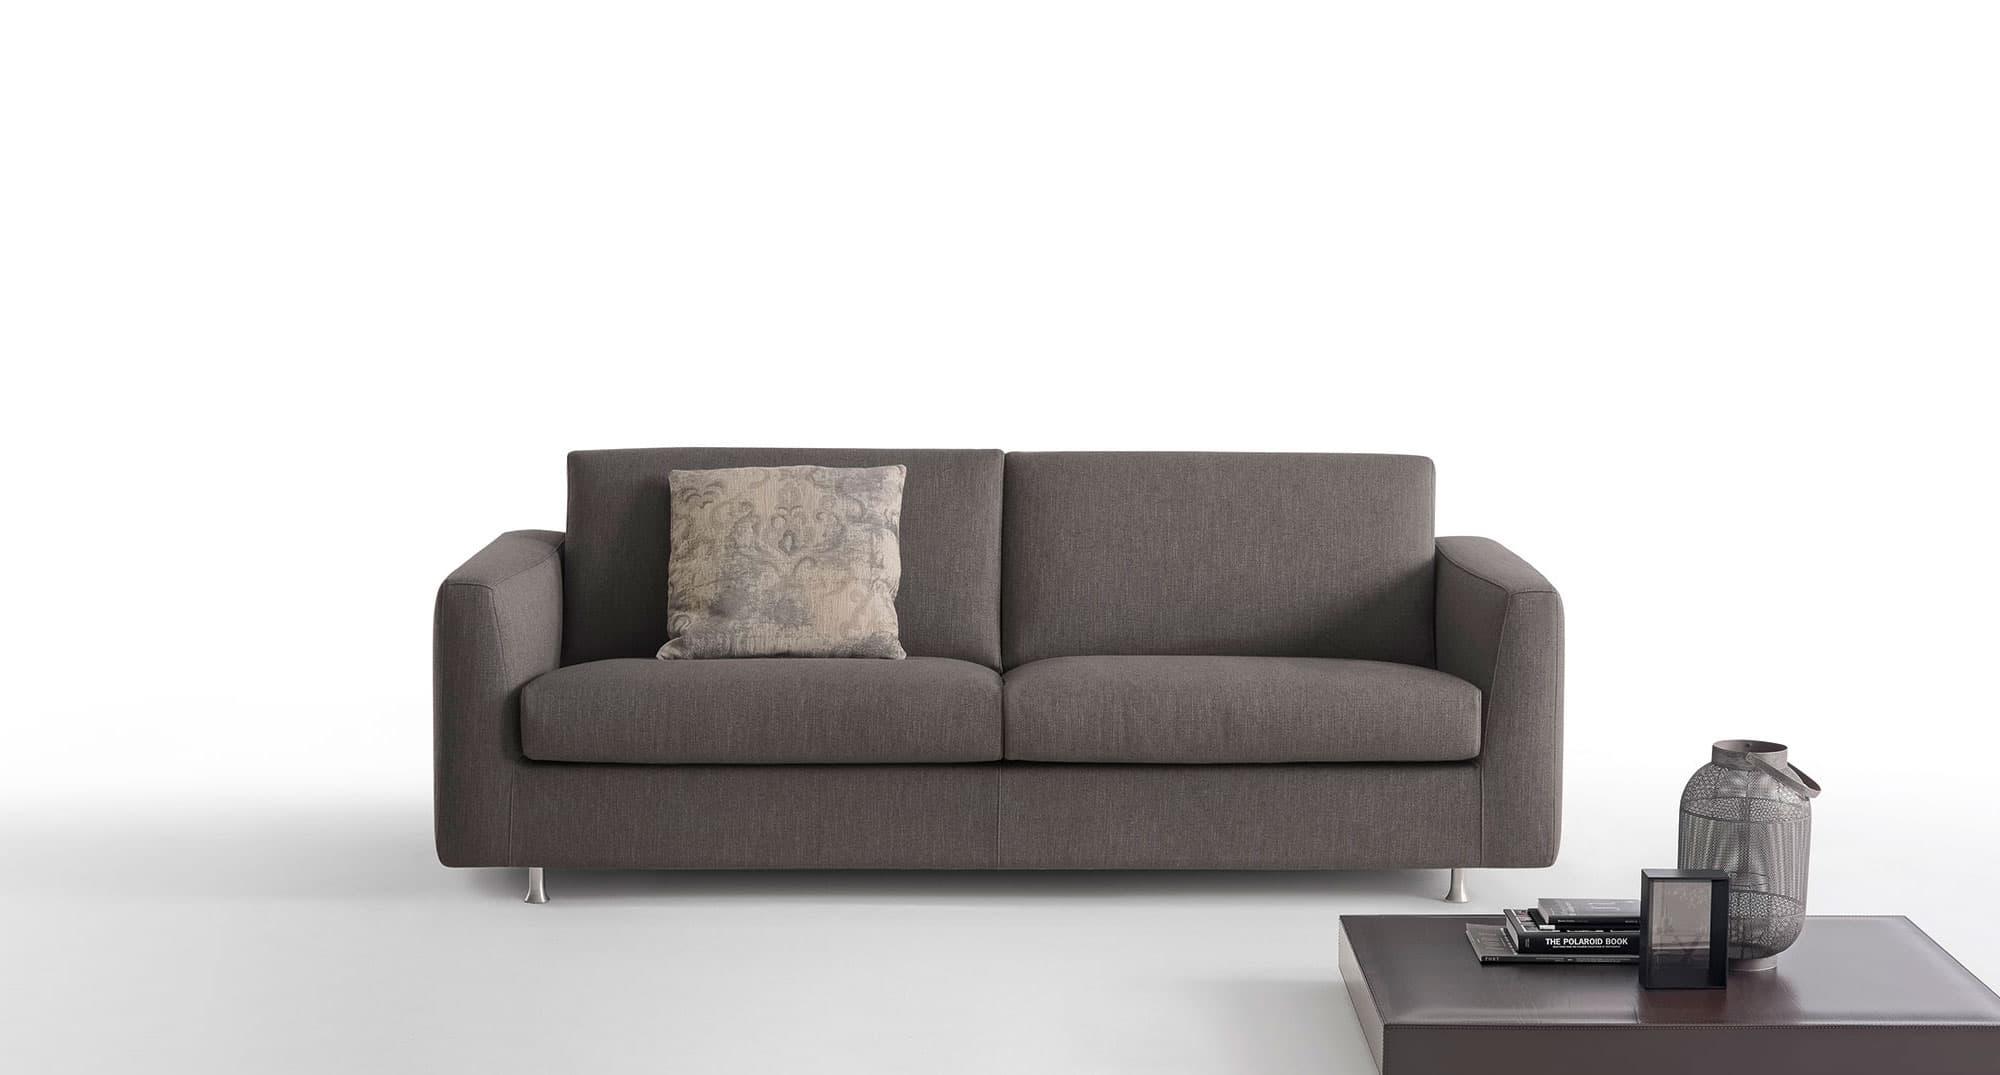 Divani lett best divano letto with divani lett best colours divano posti letto divani letto - Divano letto per dormire tutte le notti ...